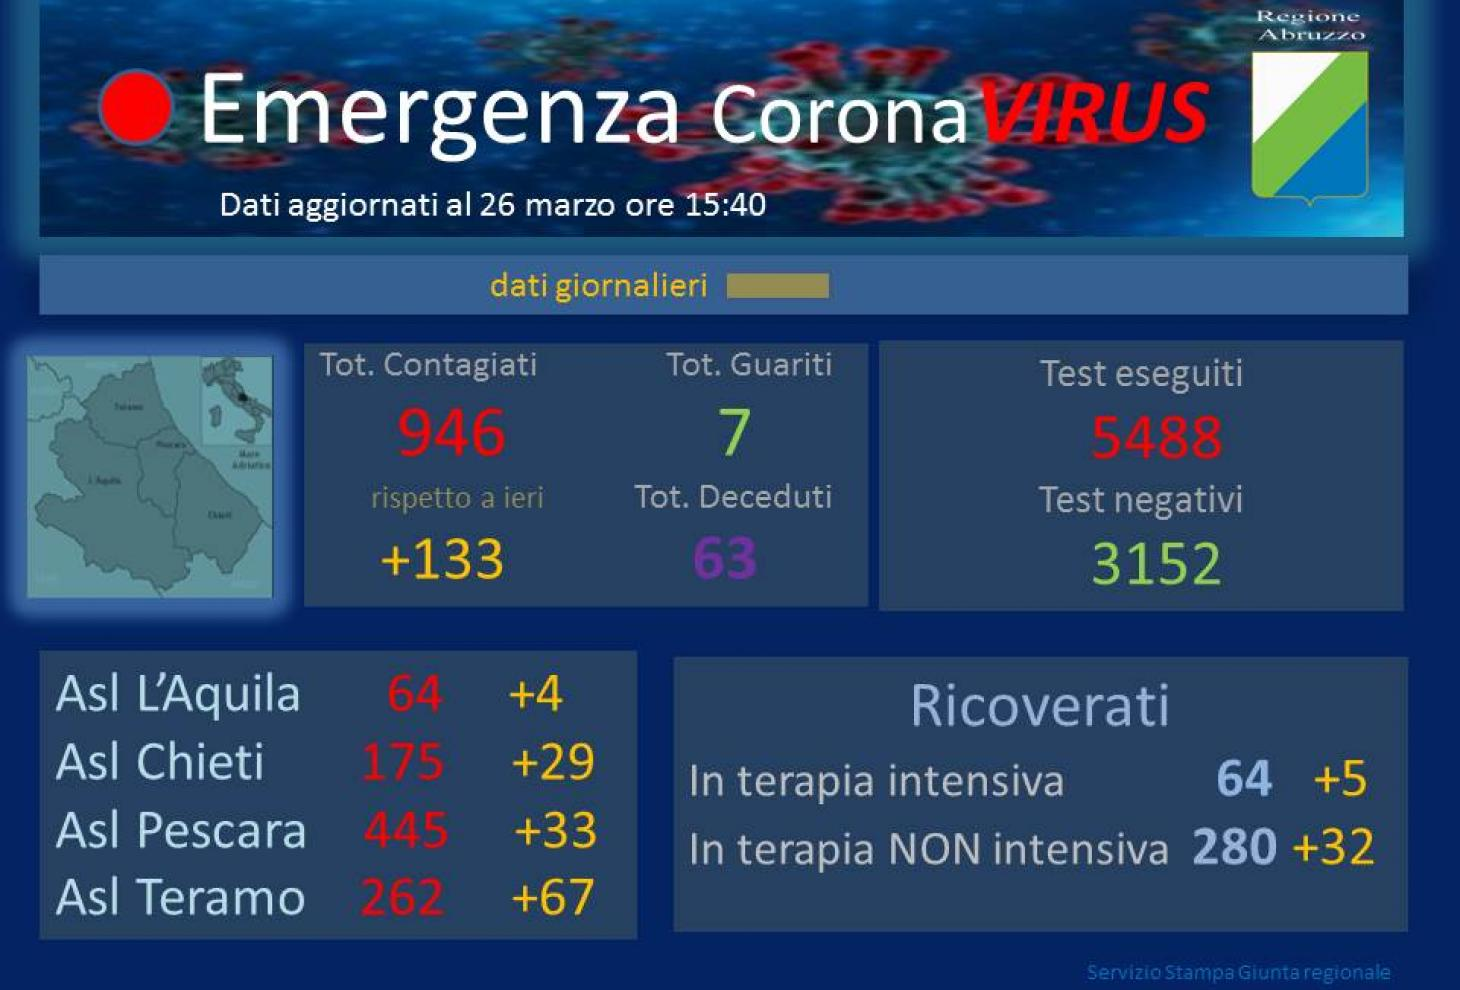 Emergenza coronavirus - Dati aggiornati al 26 marzo